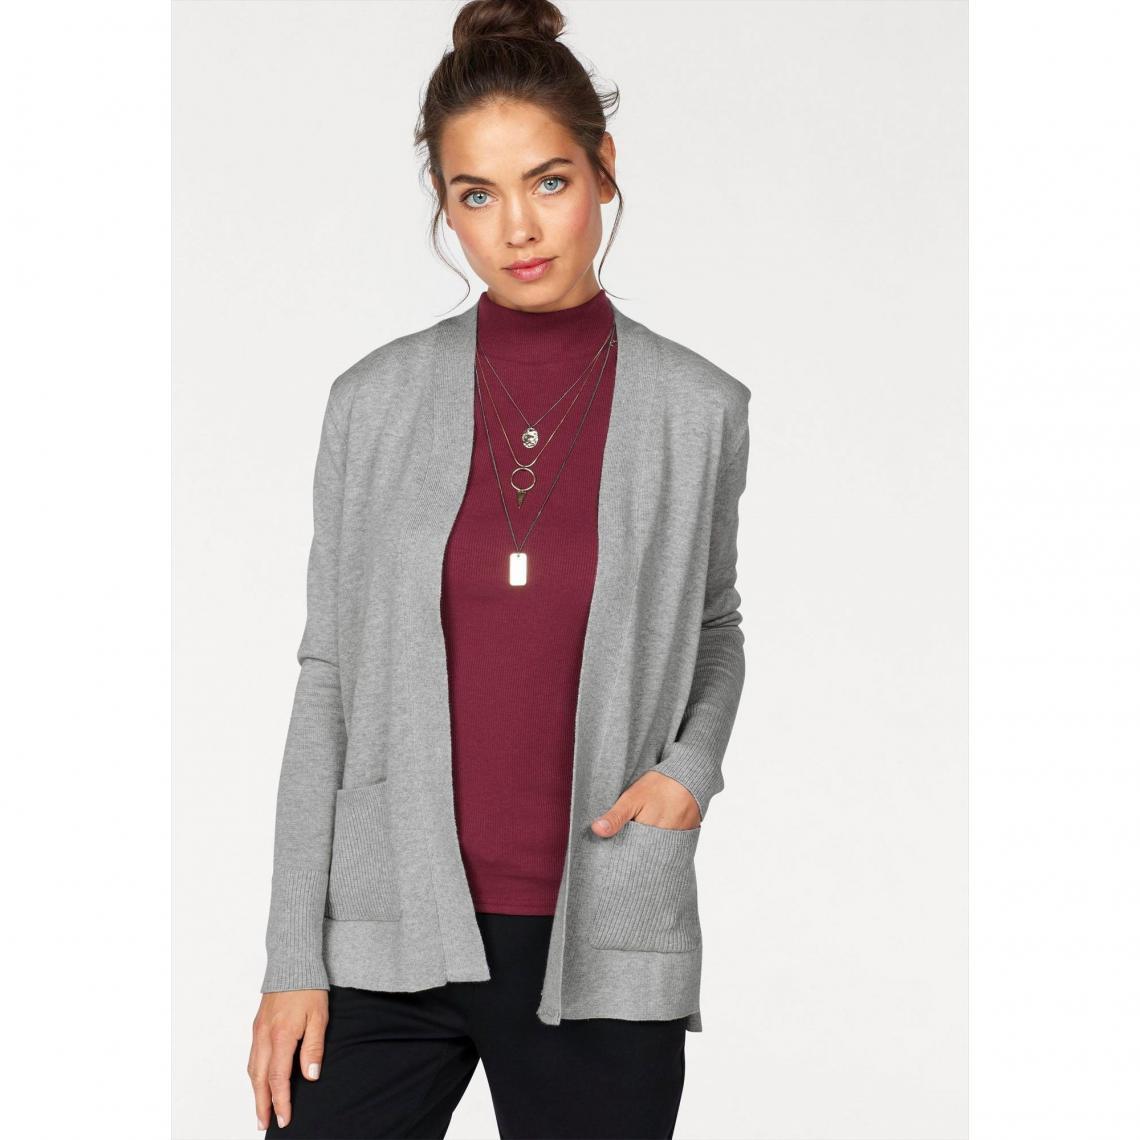 Etole 100 % Laine Tout Doux Pour Un Hiver Au Chaud Wool Home Décor Helpful Envie De Chaleur !!